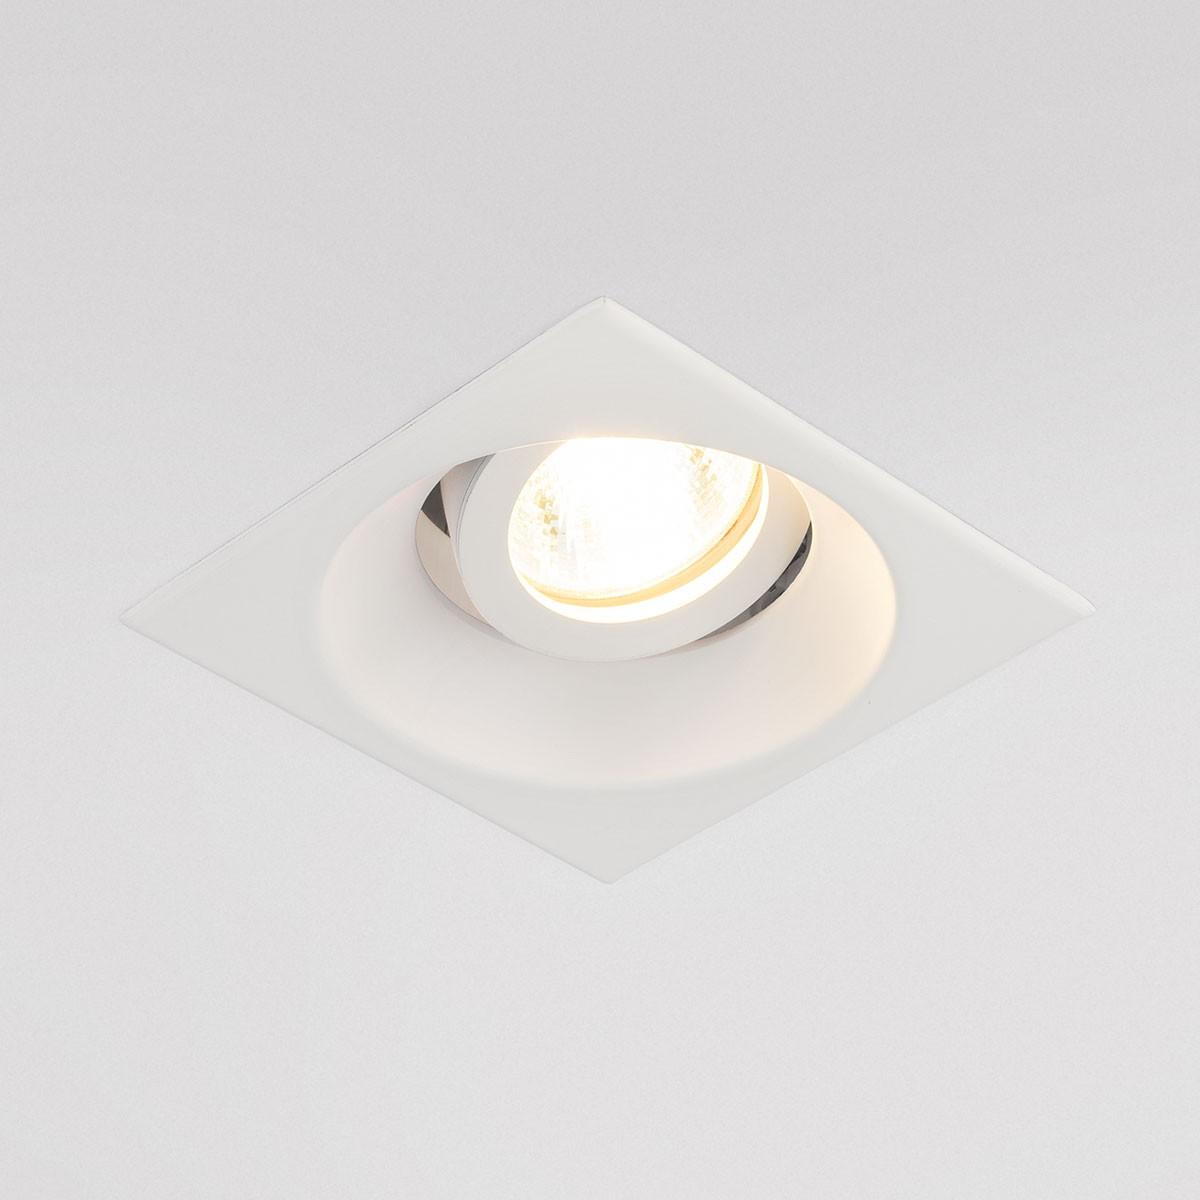 Фото Встраиваемый светильник 1082 a036507